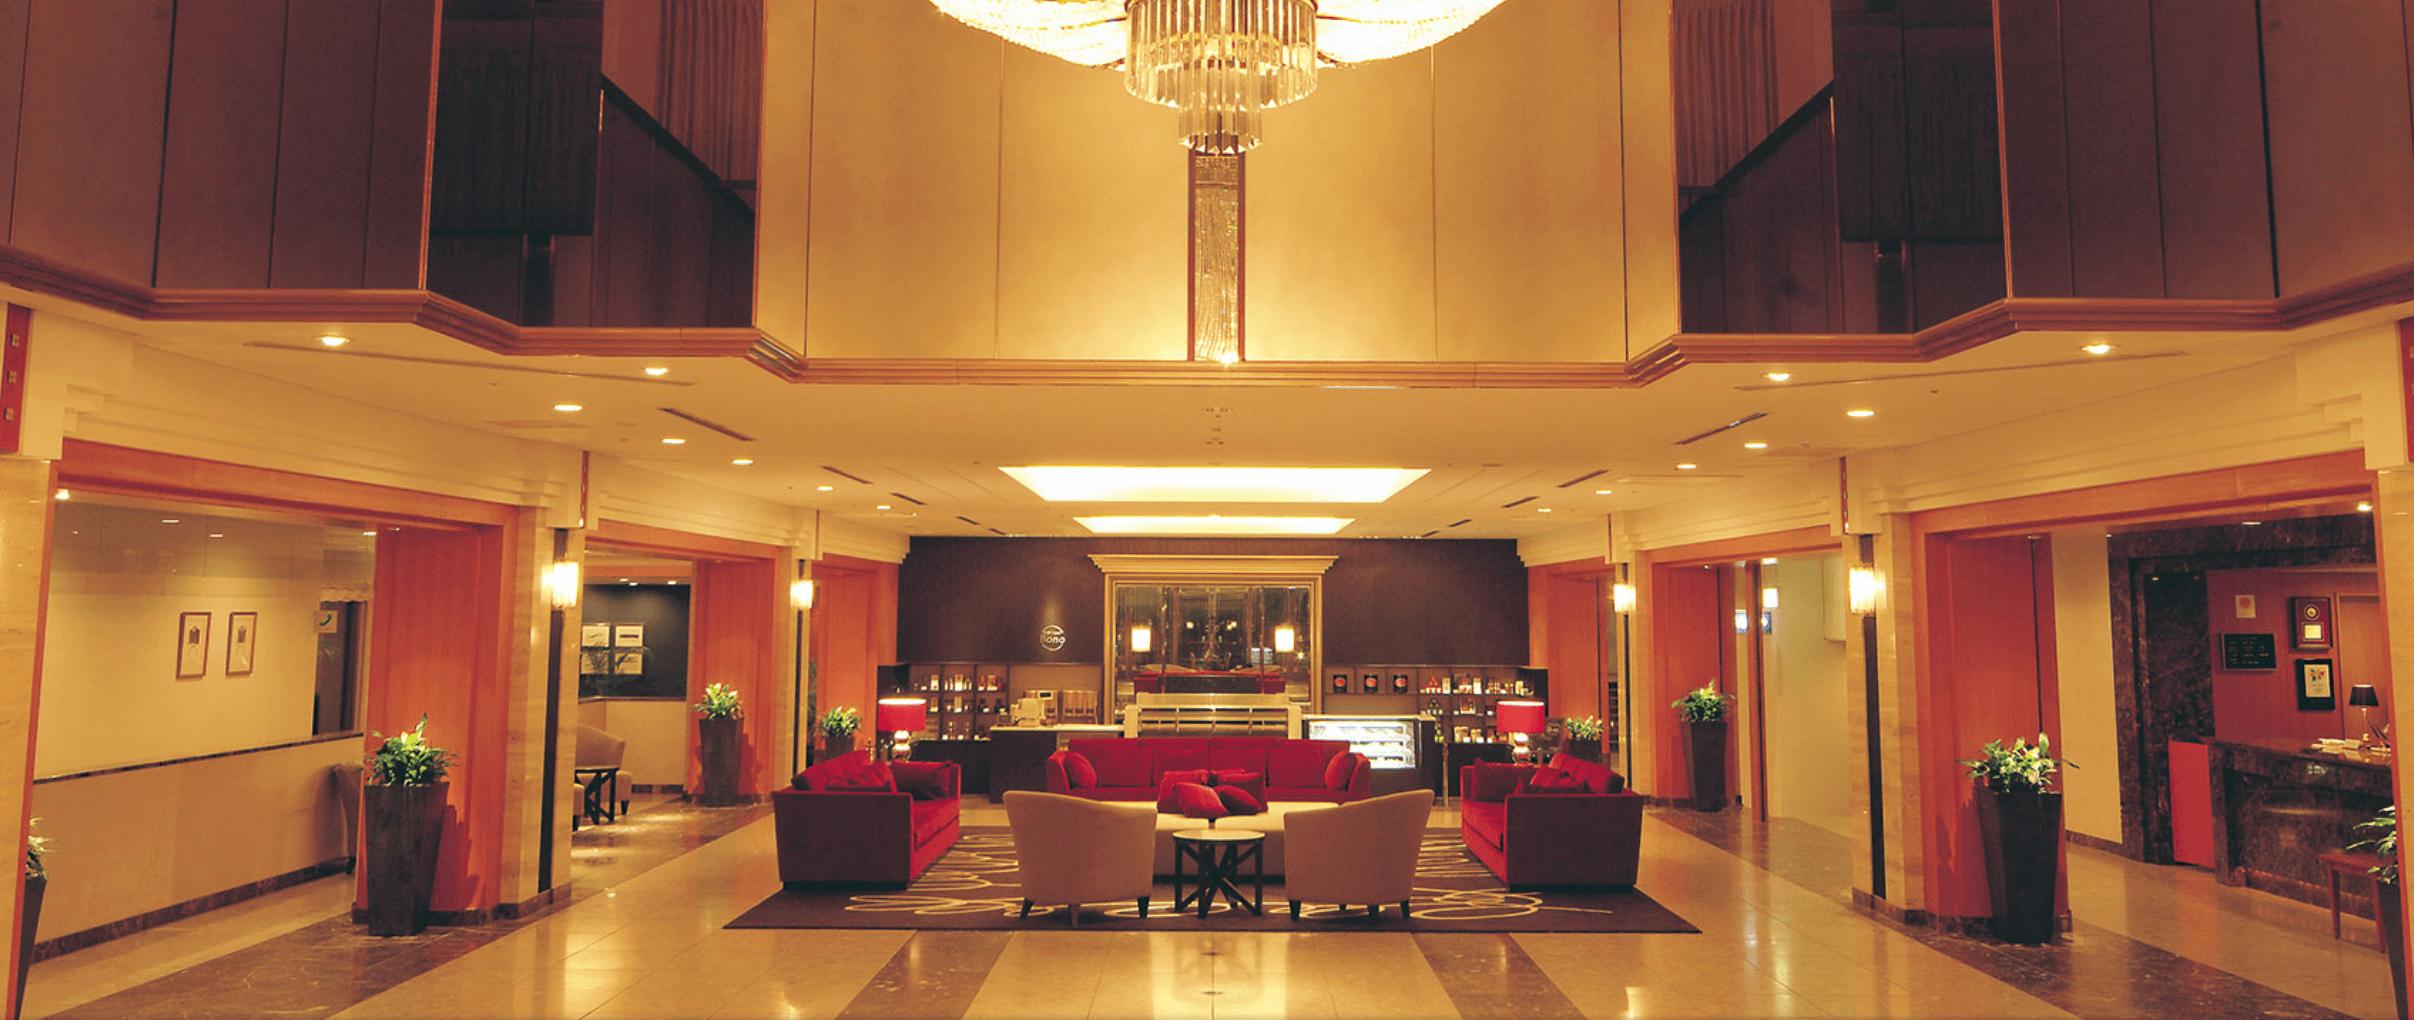 長野でパパ活におすすめなホテル「ホテル国際21」